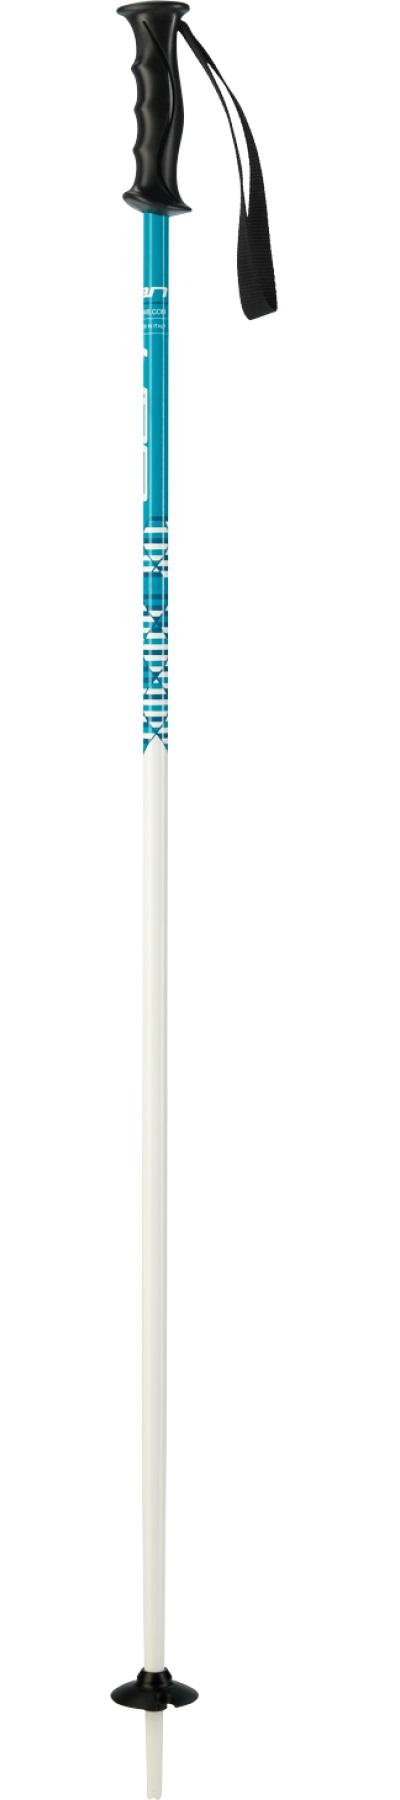 Горнолыжные палки Elan 2017-18 SP HOTrod JR BLUE (см:95), Горные лыжи - арт. 979600420